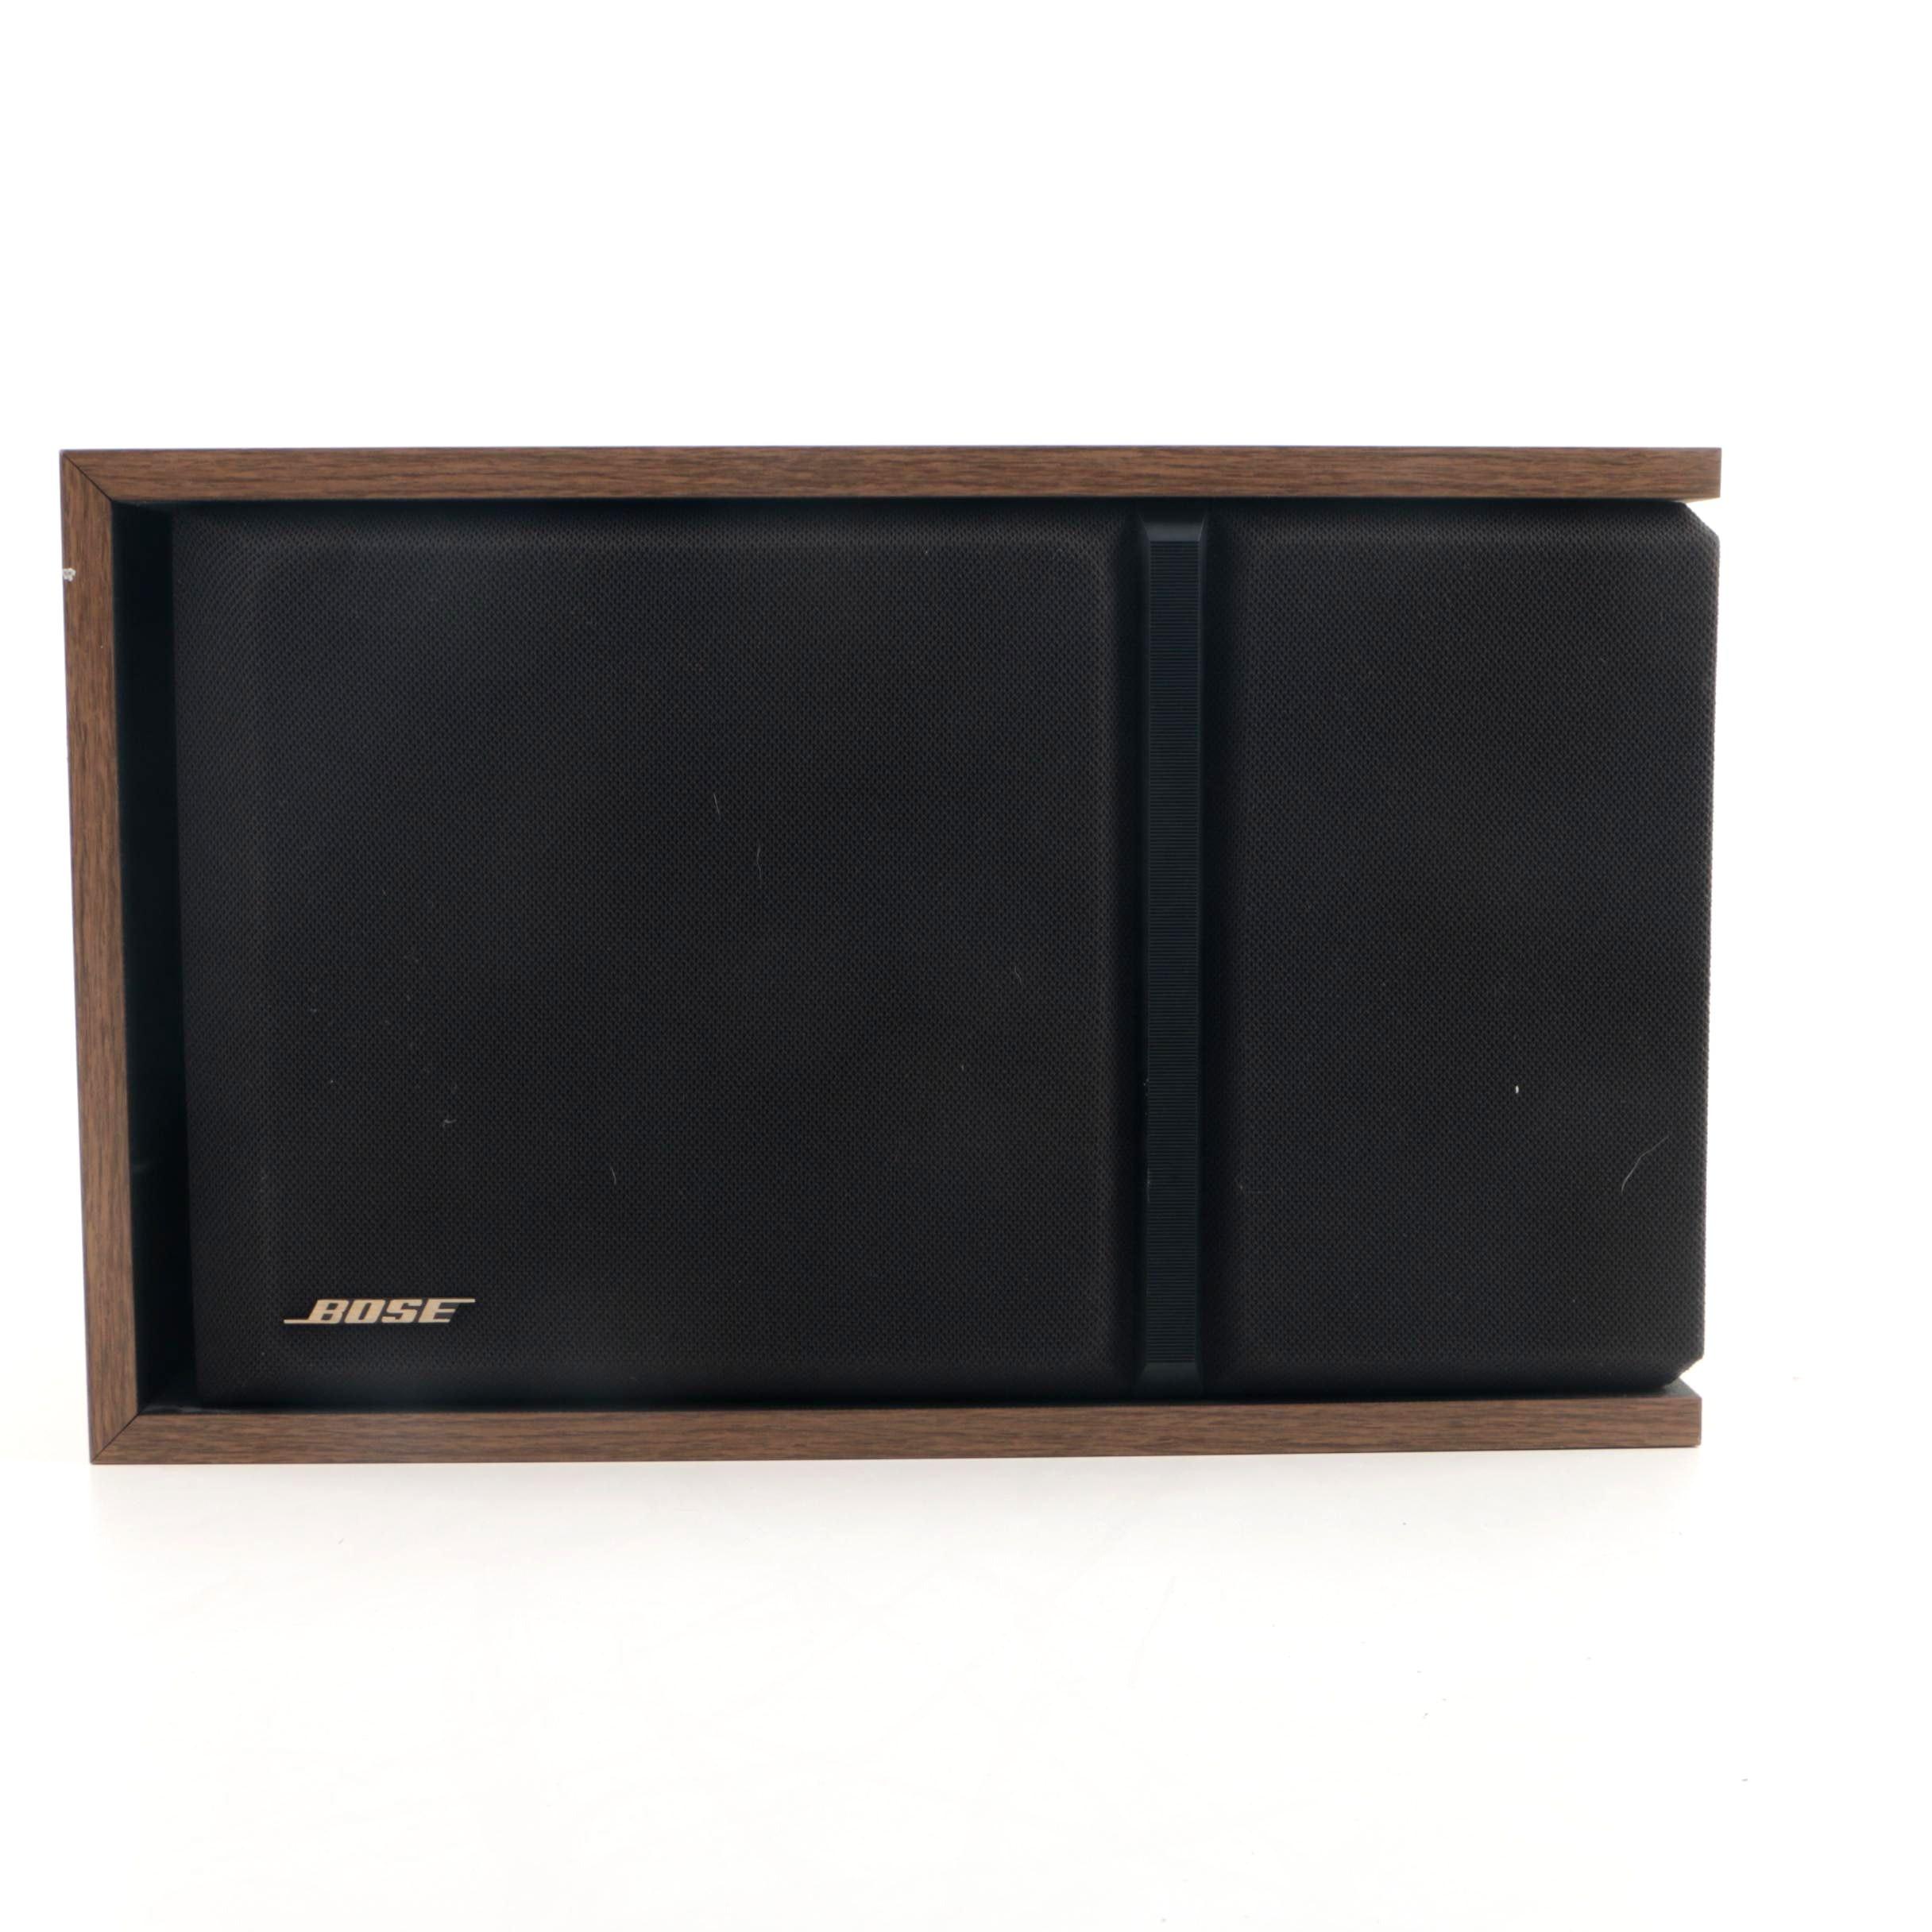 Bose 301 Series III Speaker